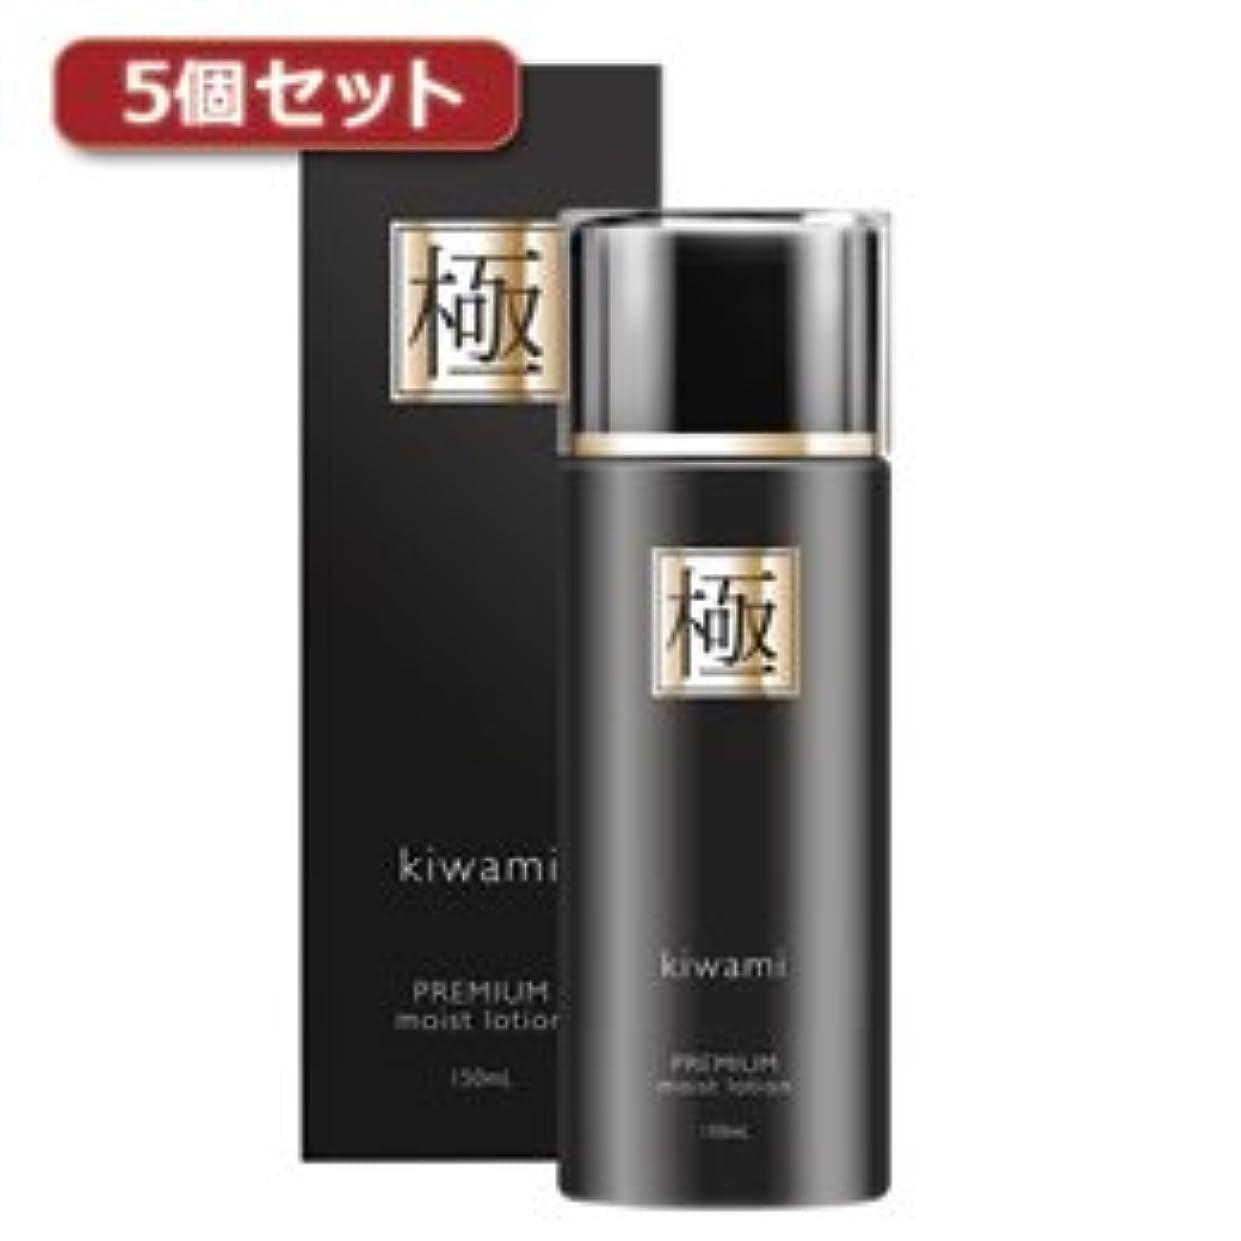 【まとめ 2セット】 5個セット極 プレミアムモイストローション premium moist lotion EV96454X5